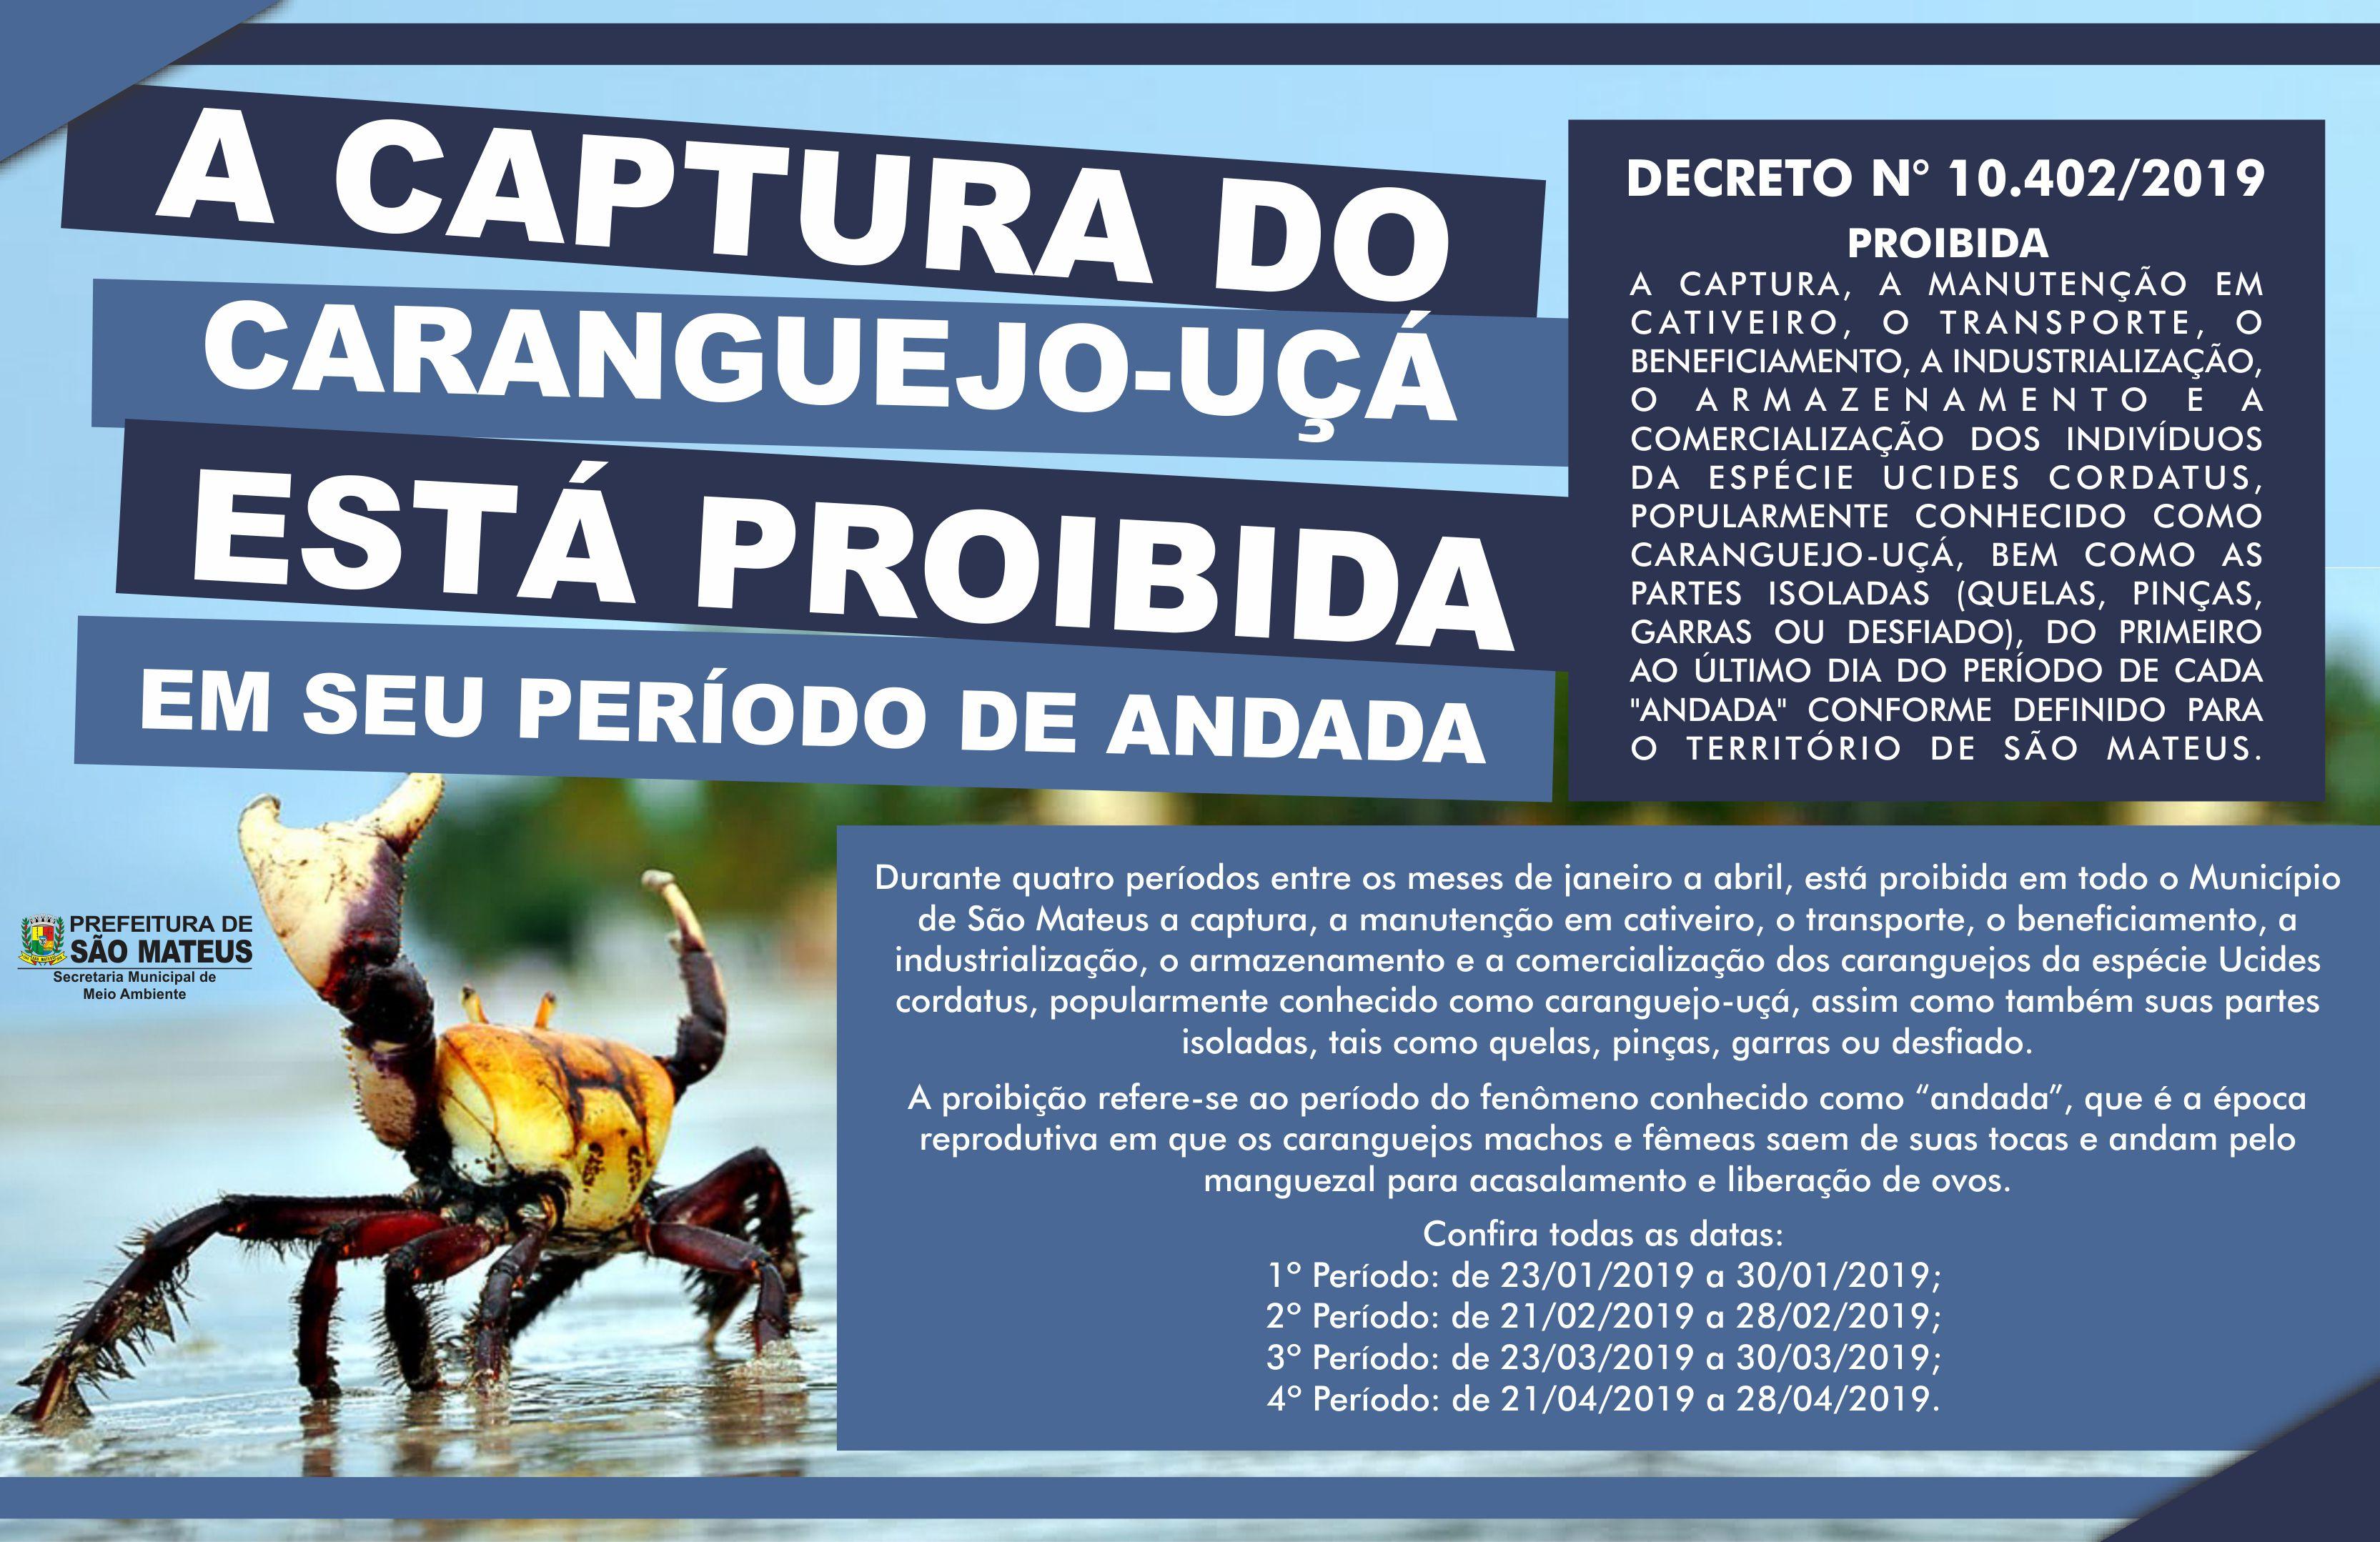 COMEÇOU ÚLTIMO PERÍODO DE ANDADA DO CARANGUEJO-UÇÁ